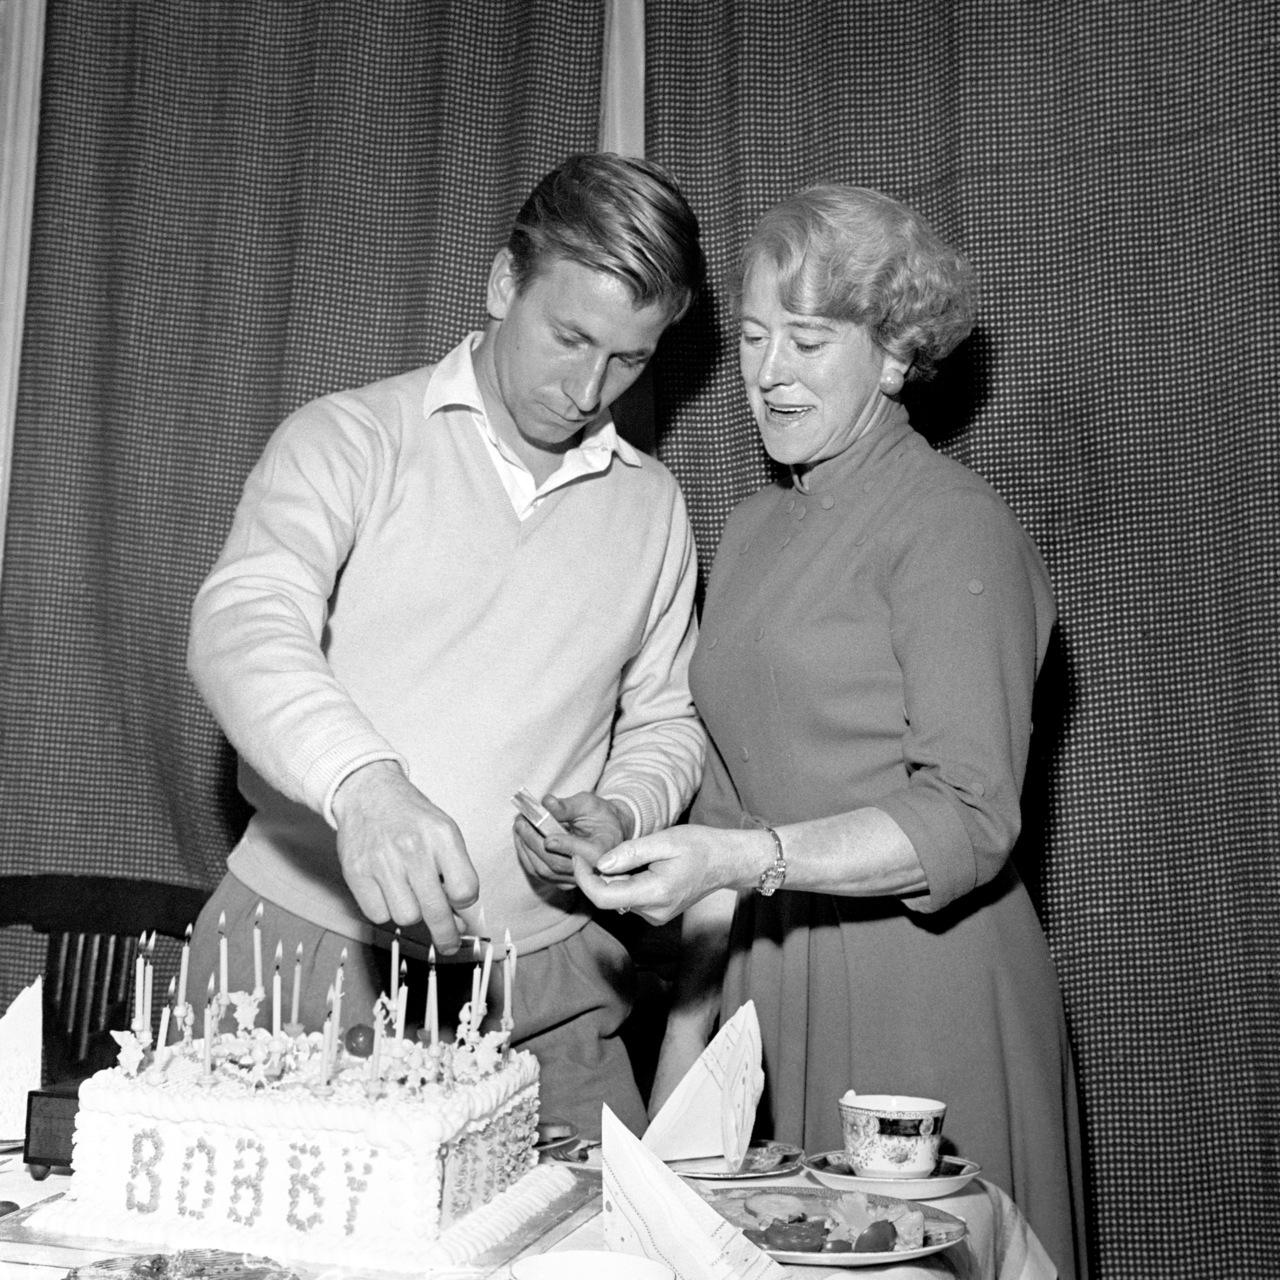 Bobby Charlton and his mum, celebrating his 21st birthday